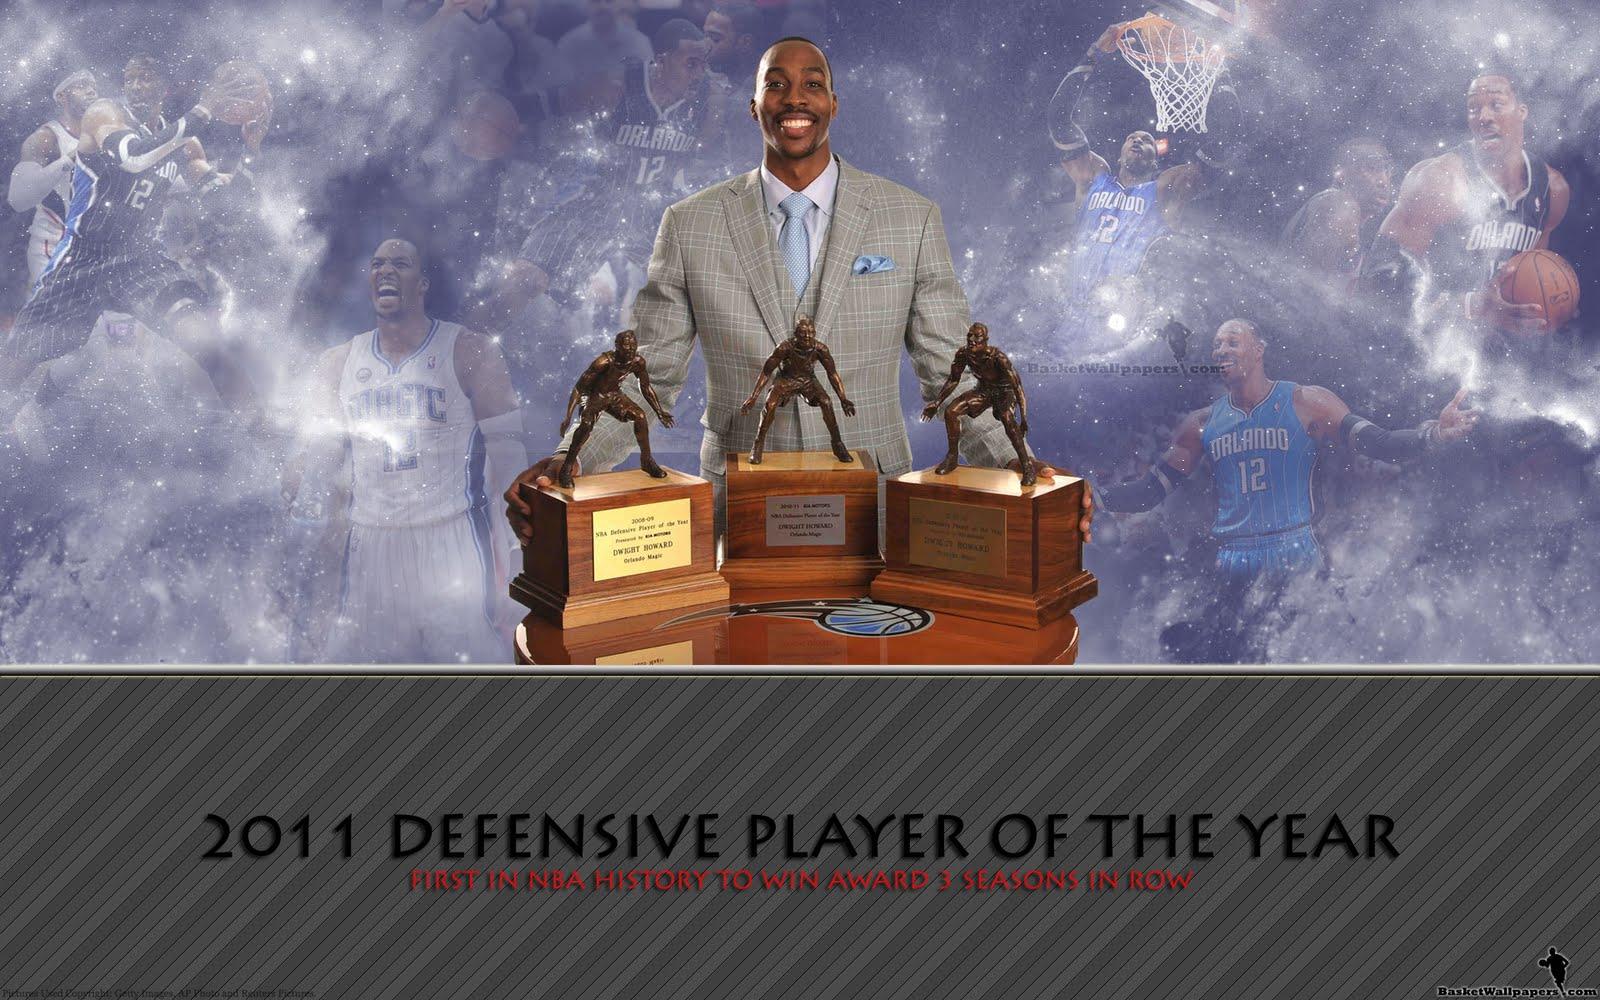 http://2.bp.blogspot.com/-HX-NvEaA4Os/TeMjfGn4HUI/AAAAAAAAE9E/RTULr-MO1vI/s1600/Dwight-Howard-2011-DPOY-Award-Widescreen-Wallpaper.jpg